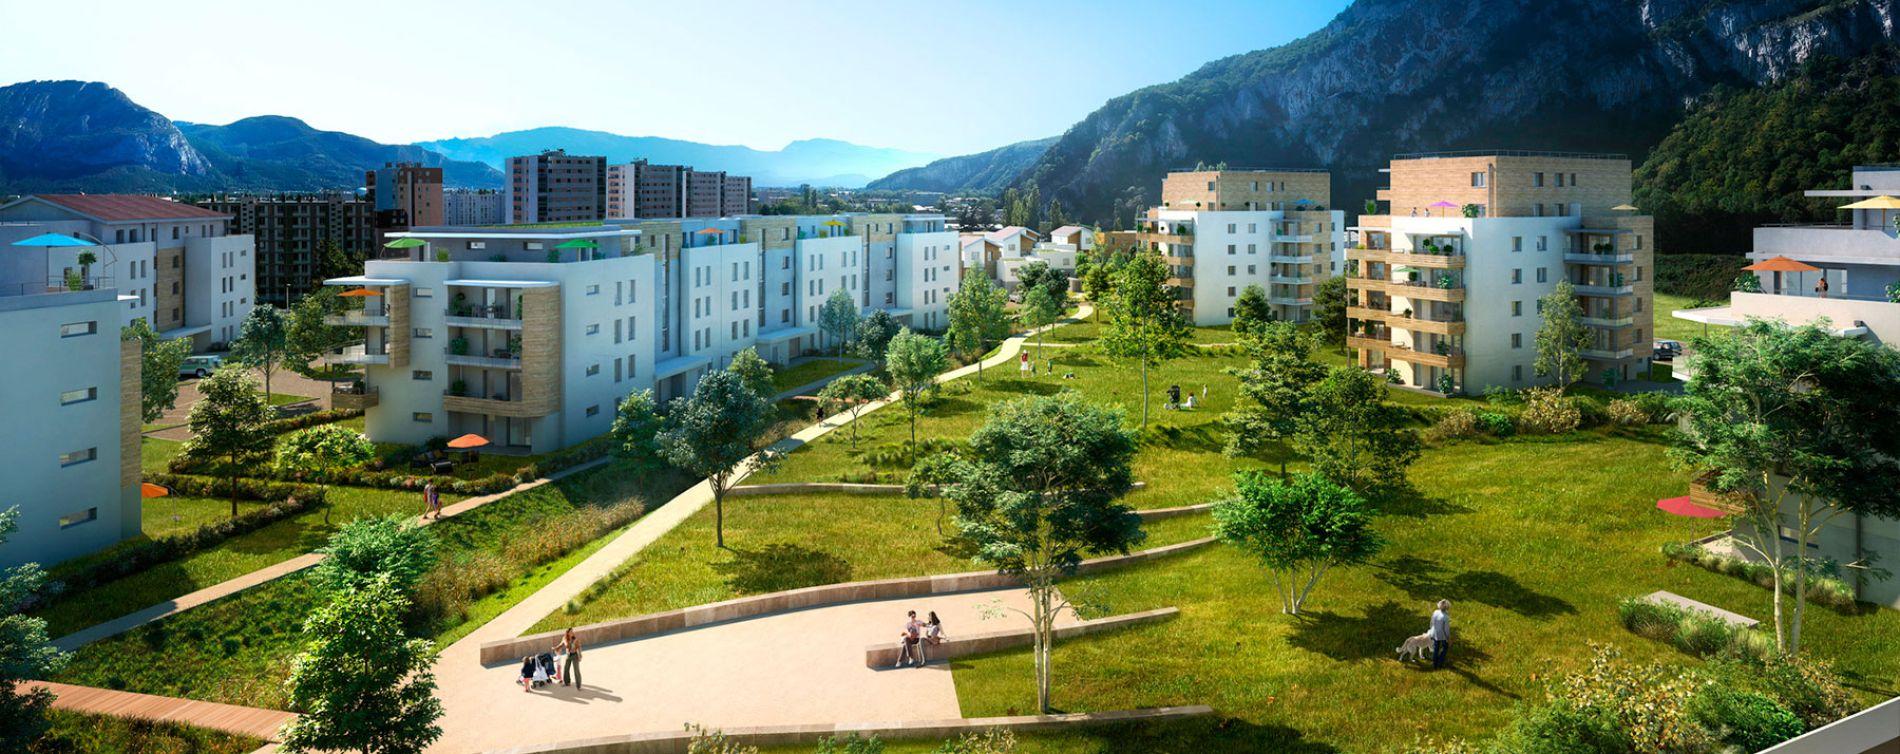 Résidence Domaine Parc & Village à Sassenage